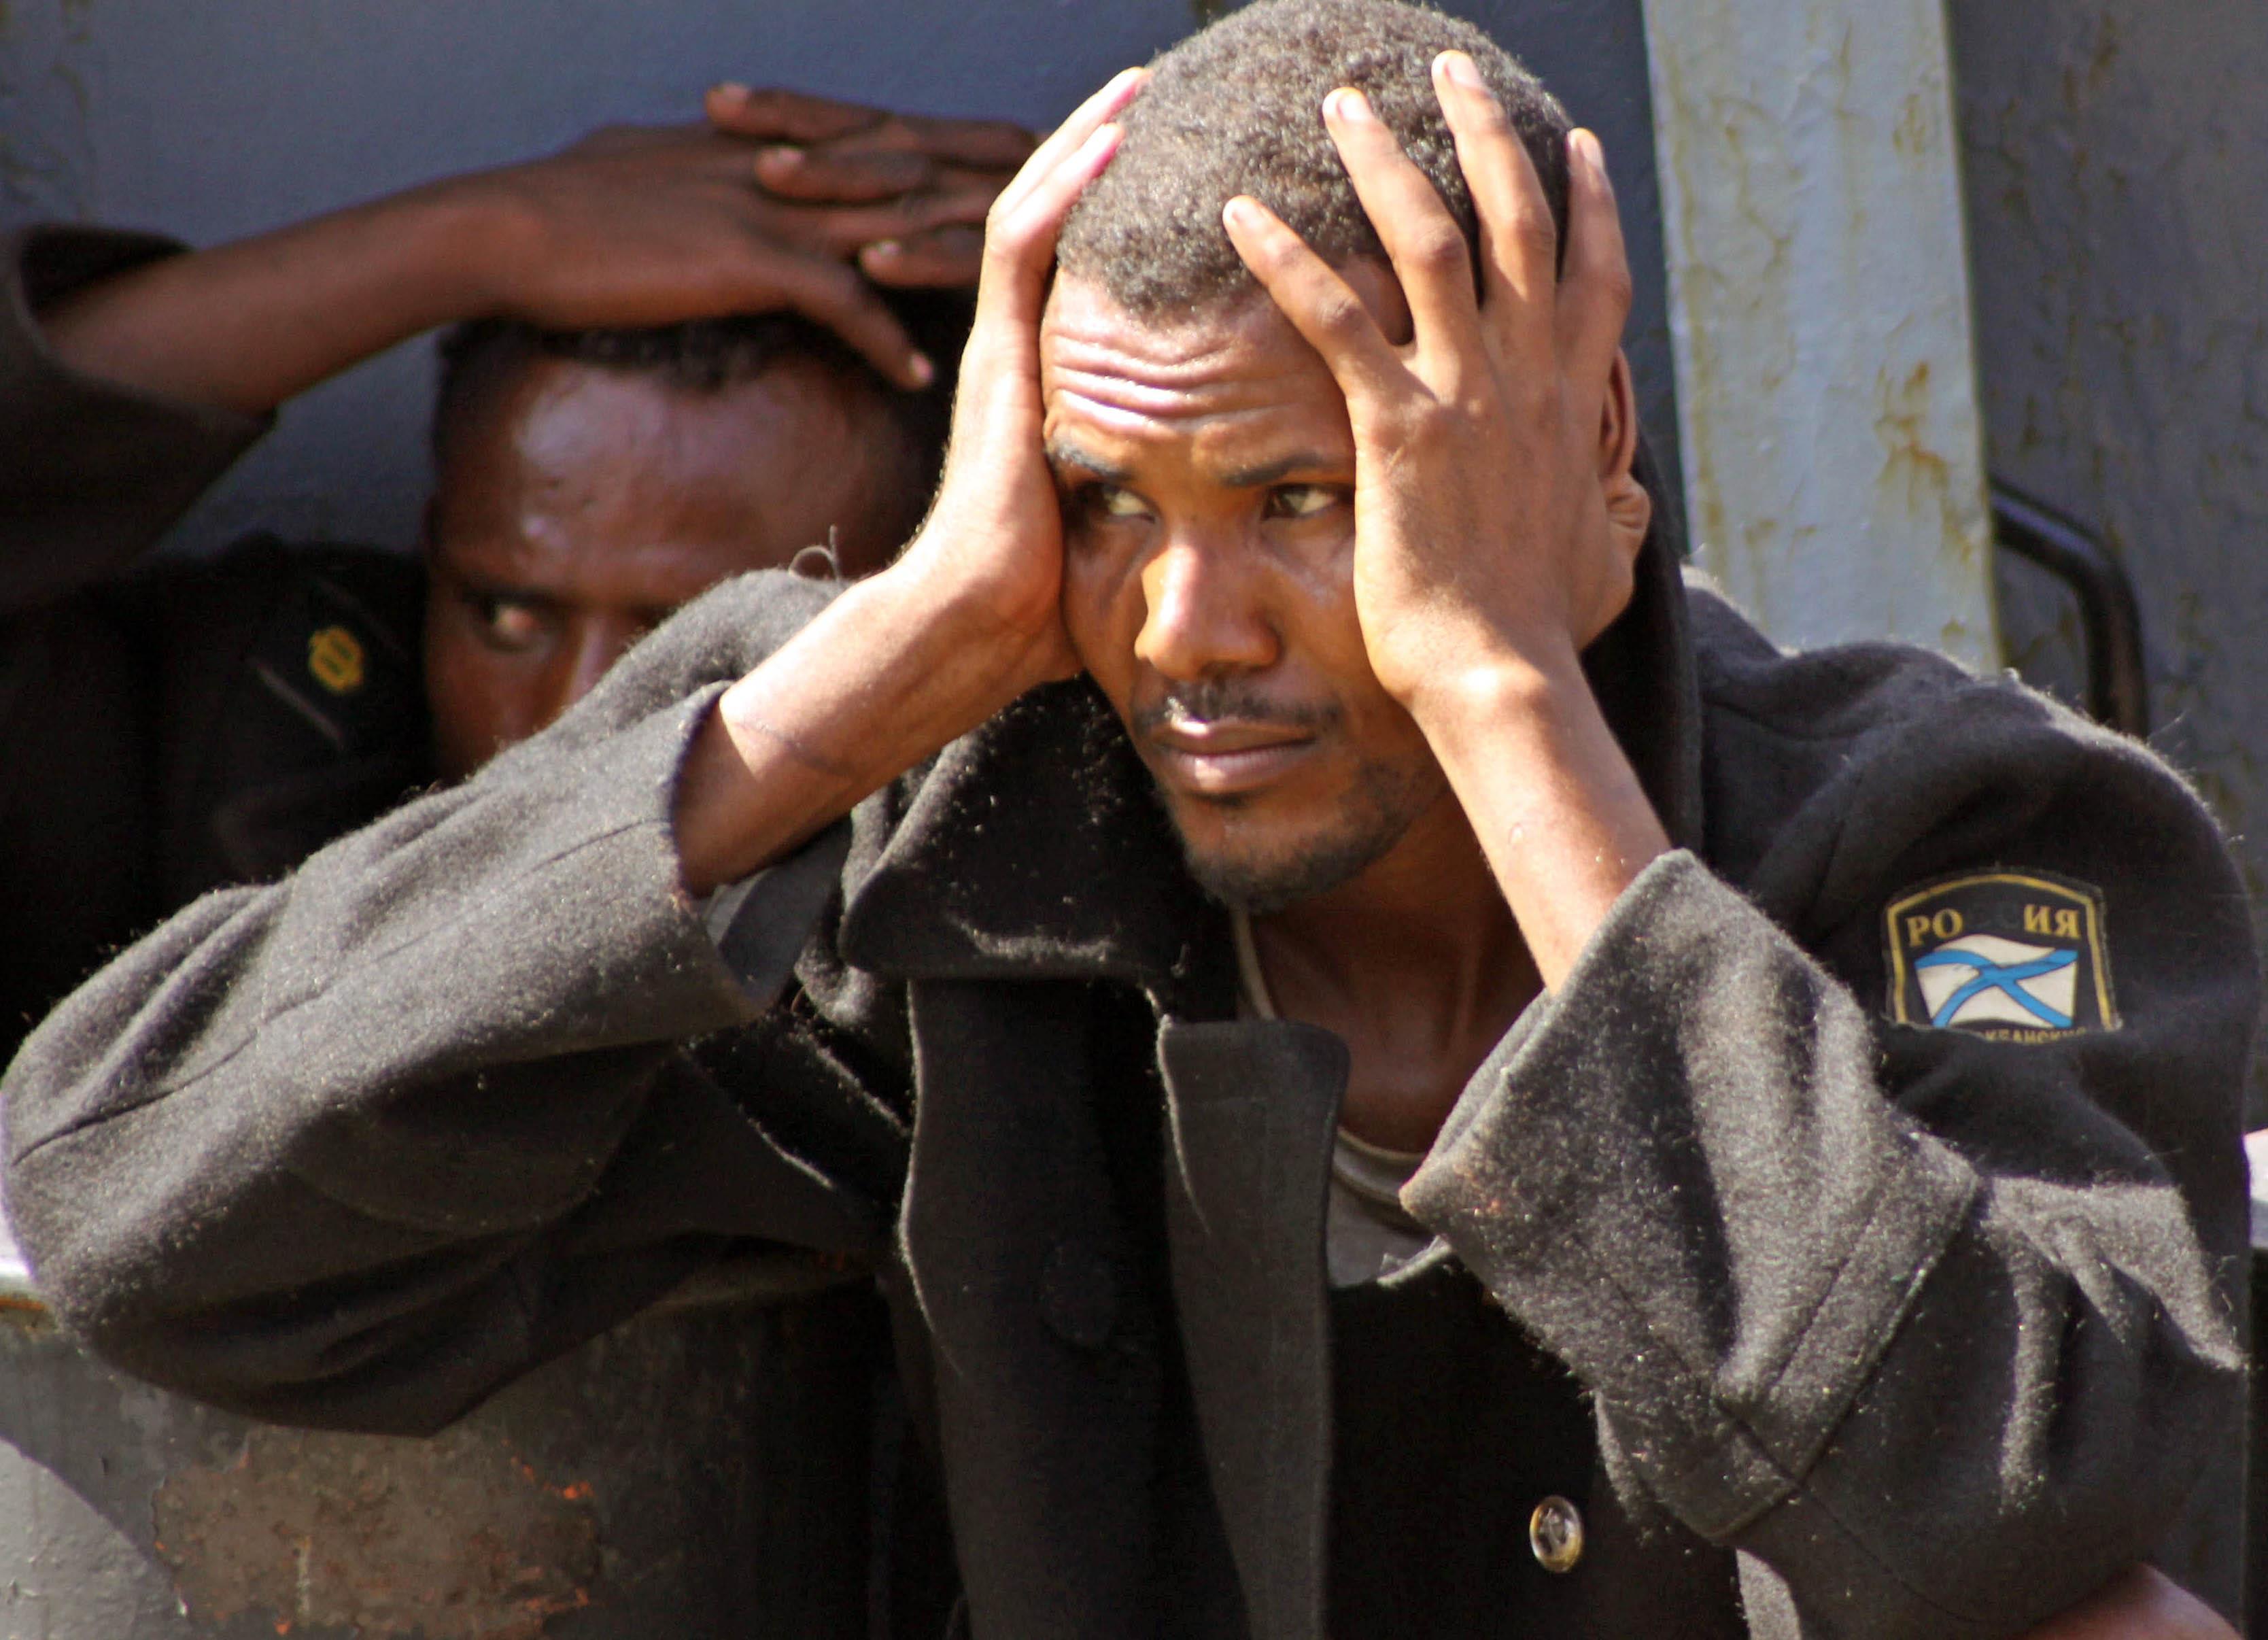 Пираты.Сомалиец-1 Гавриленко, Васильеву от Устинова